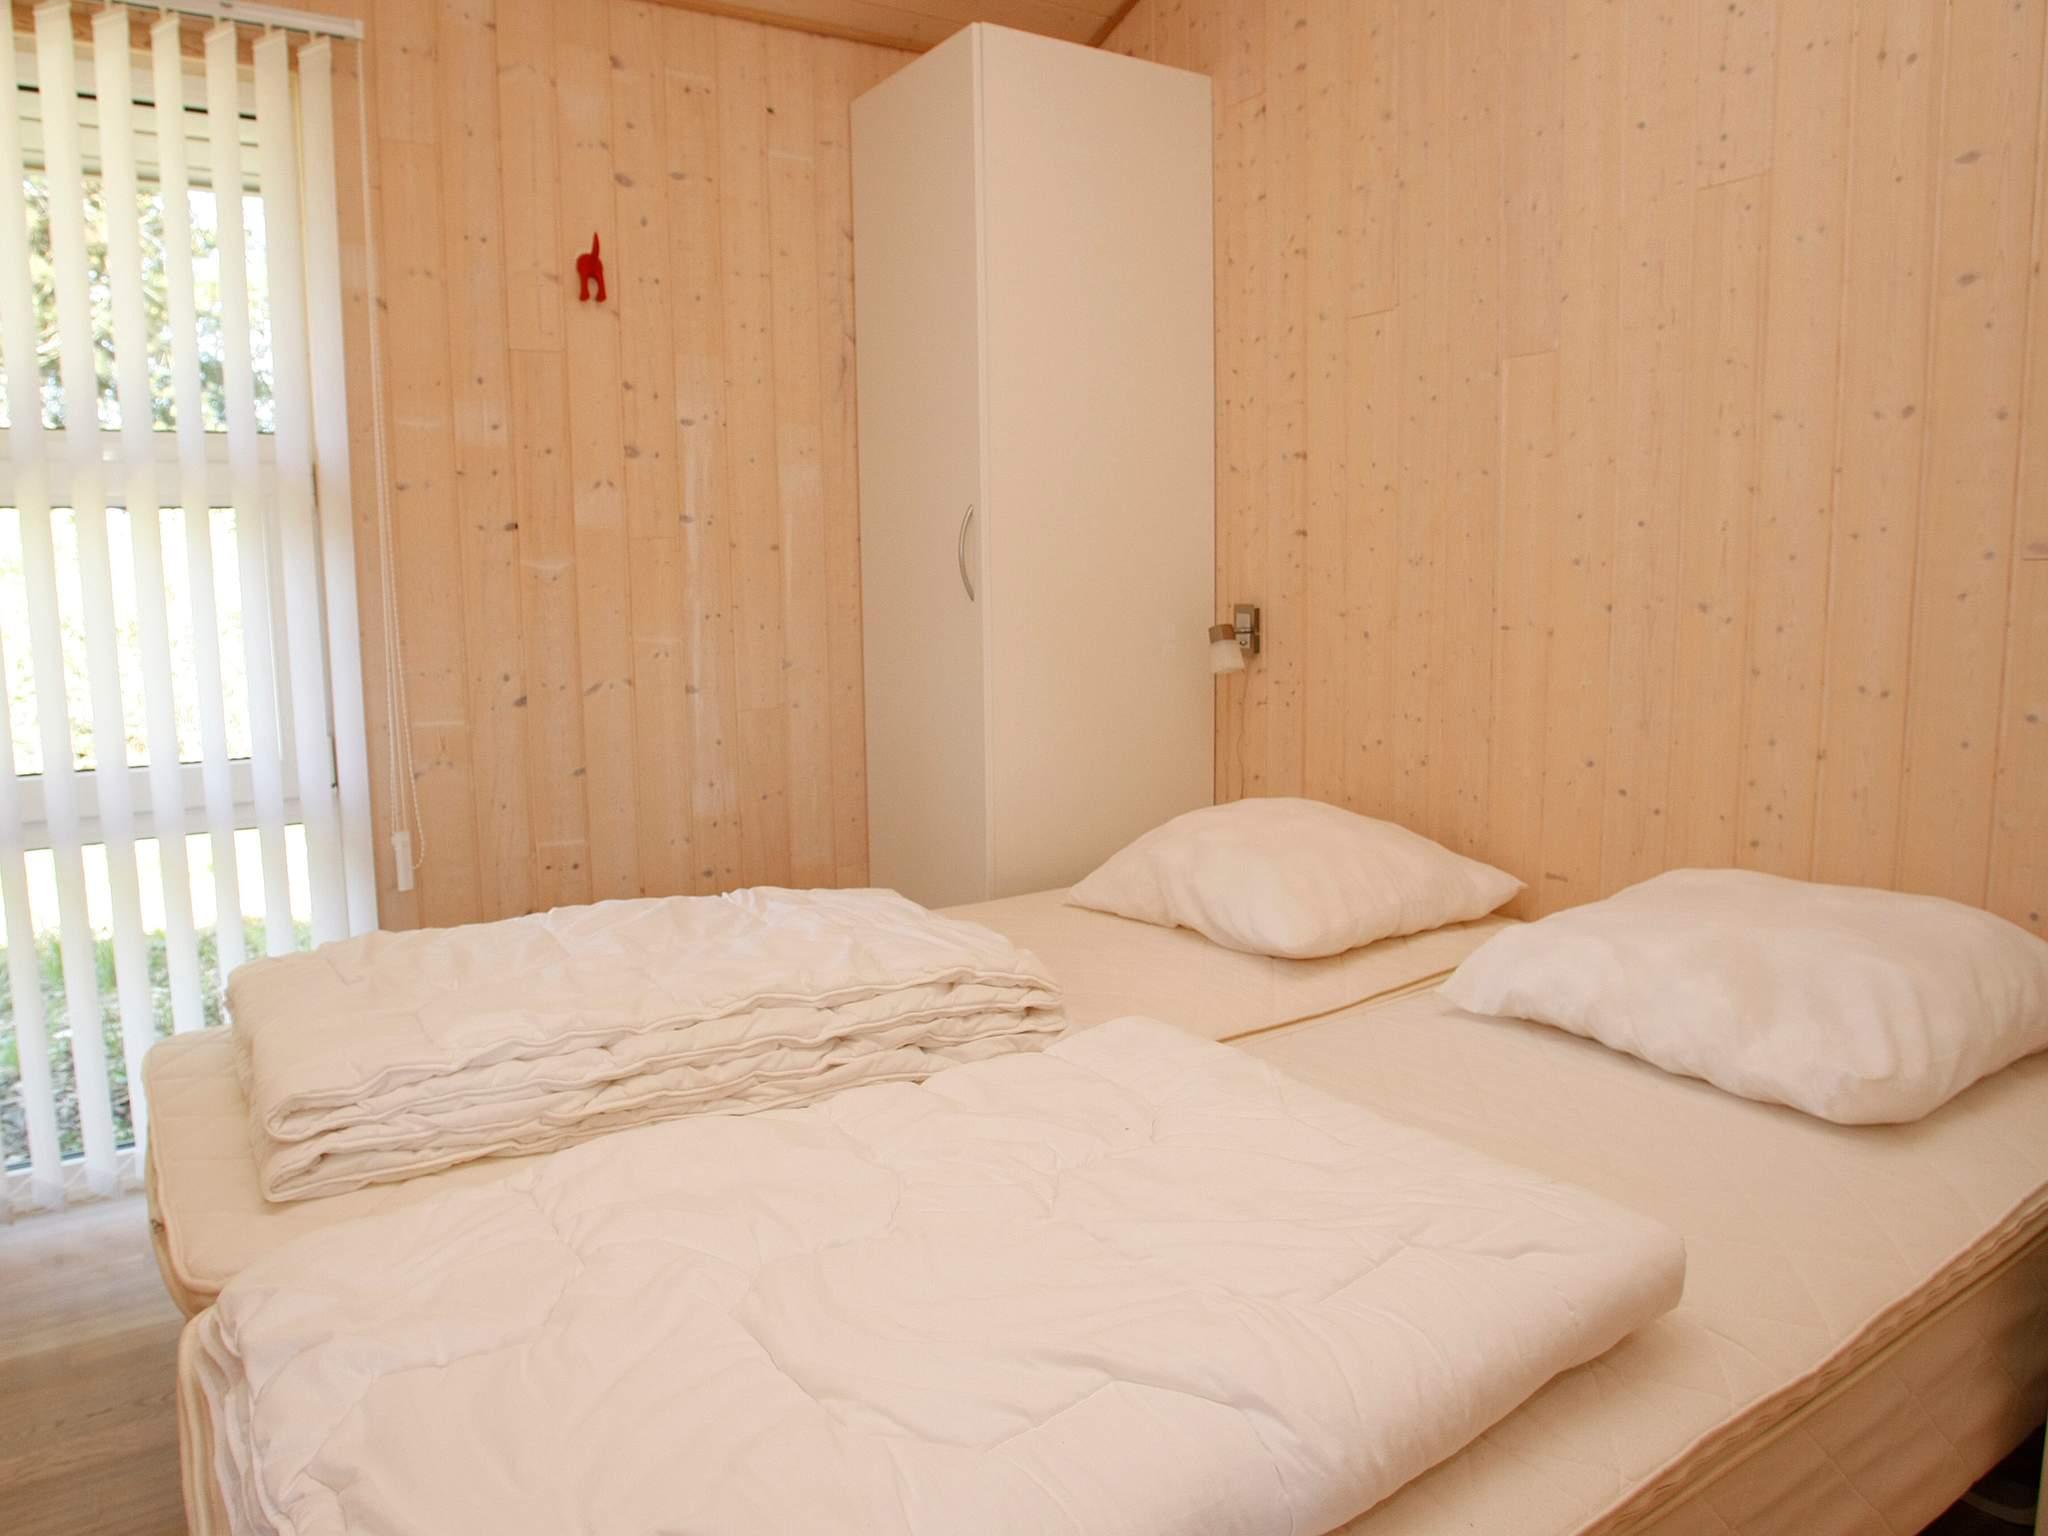 Ferienhaus Lodskovvad (359066), Lodskovvad, , Nordostjütland, Dänemark, Bild 7